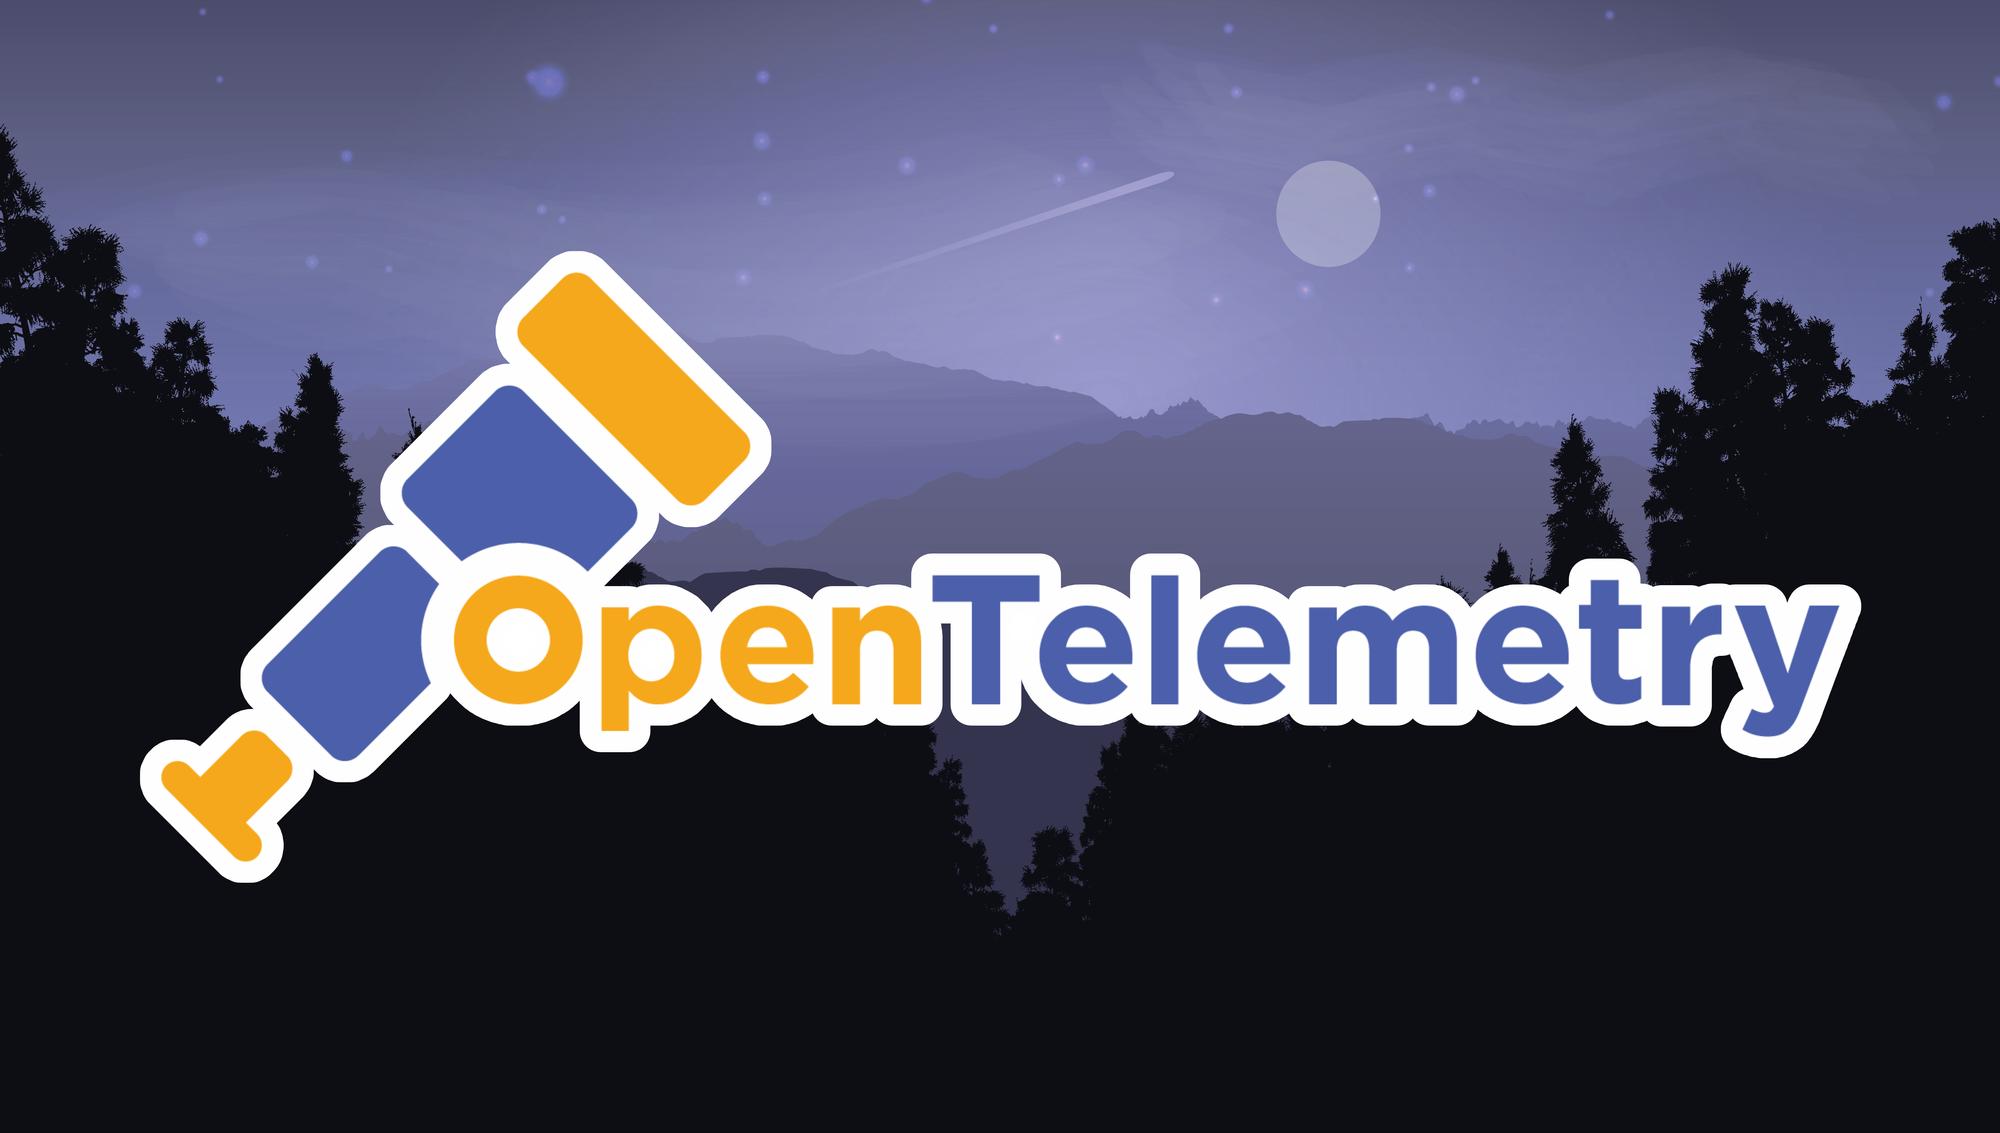 OpenTelemetry : le feedback utilisateur à la portée de tous.